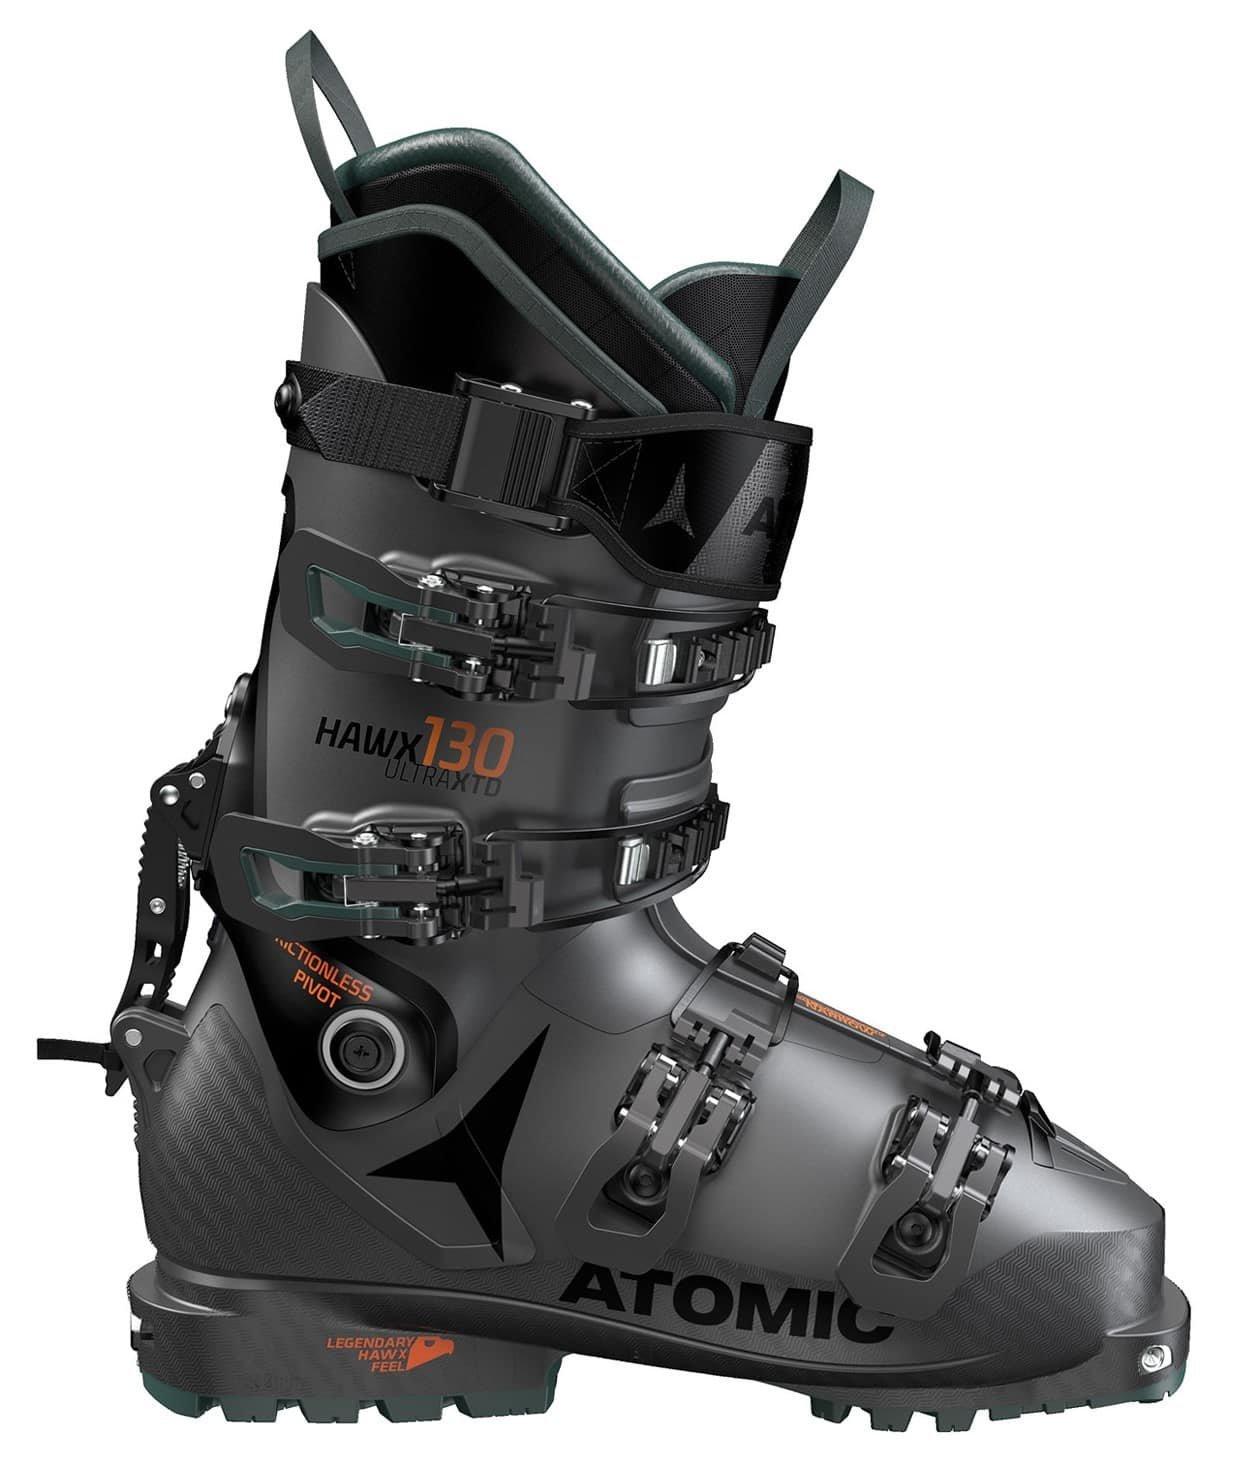 Atomic Hawx Ultra XTD 130 19/20